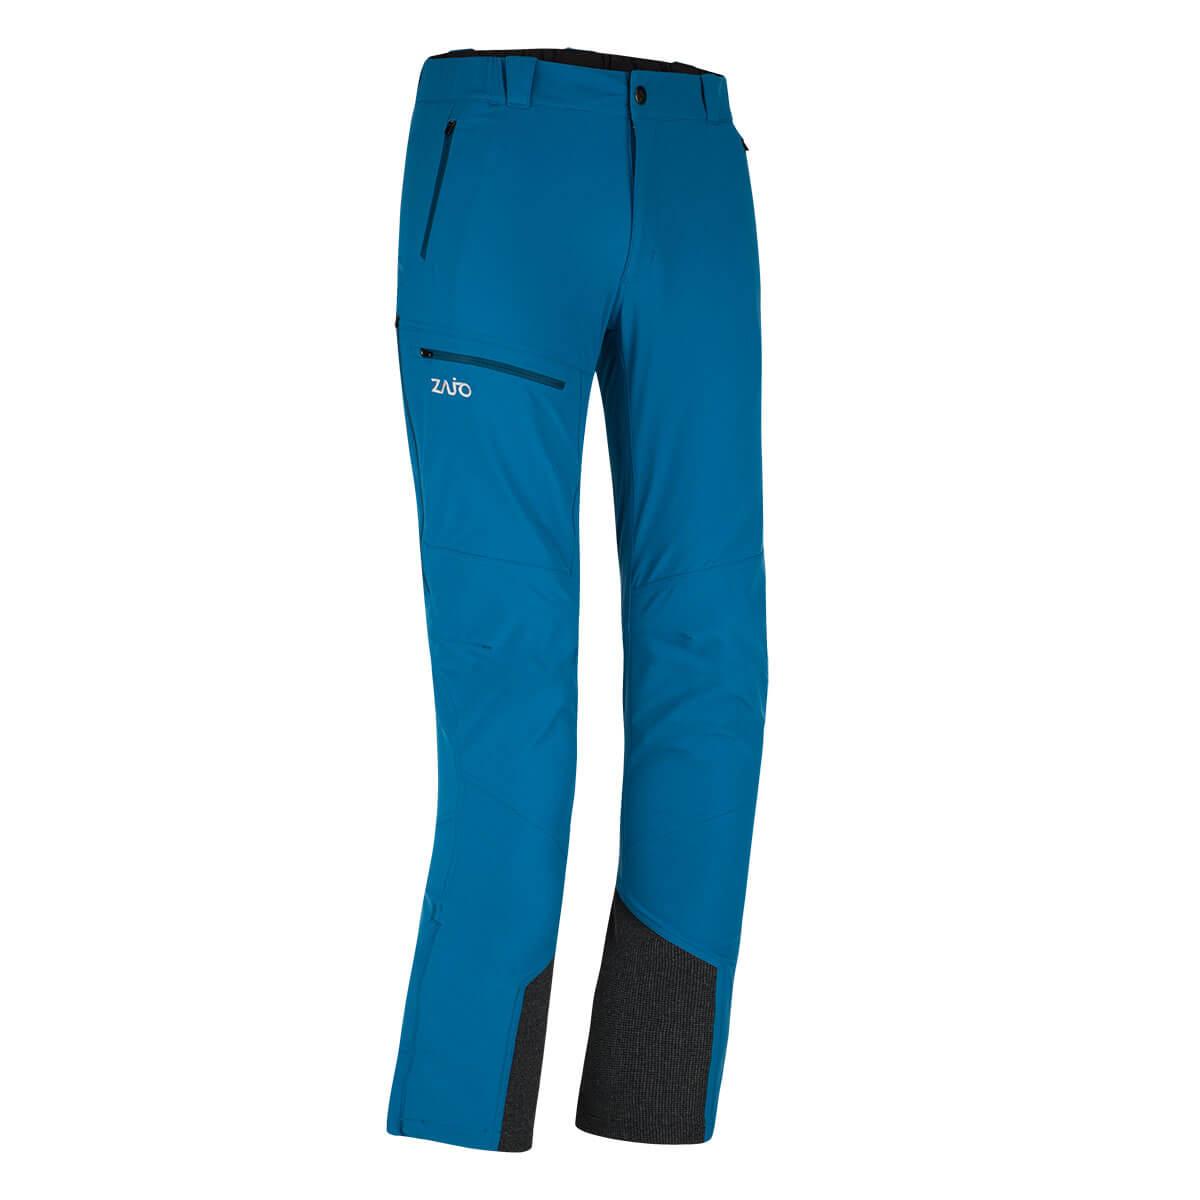 Nohavice Zajo Argon LT Neo Pants Mykonos Blue - veľkosť S